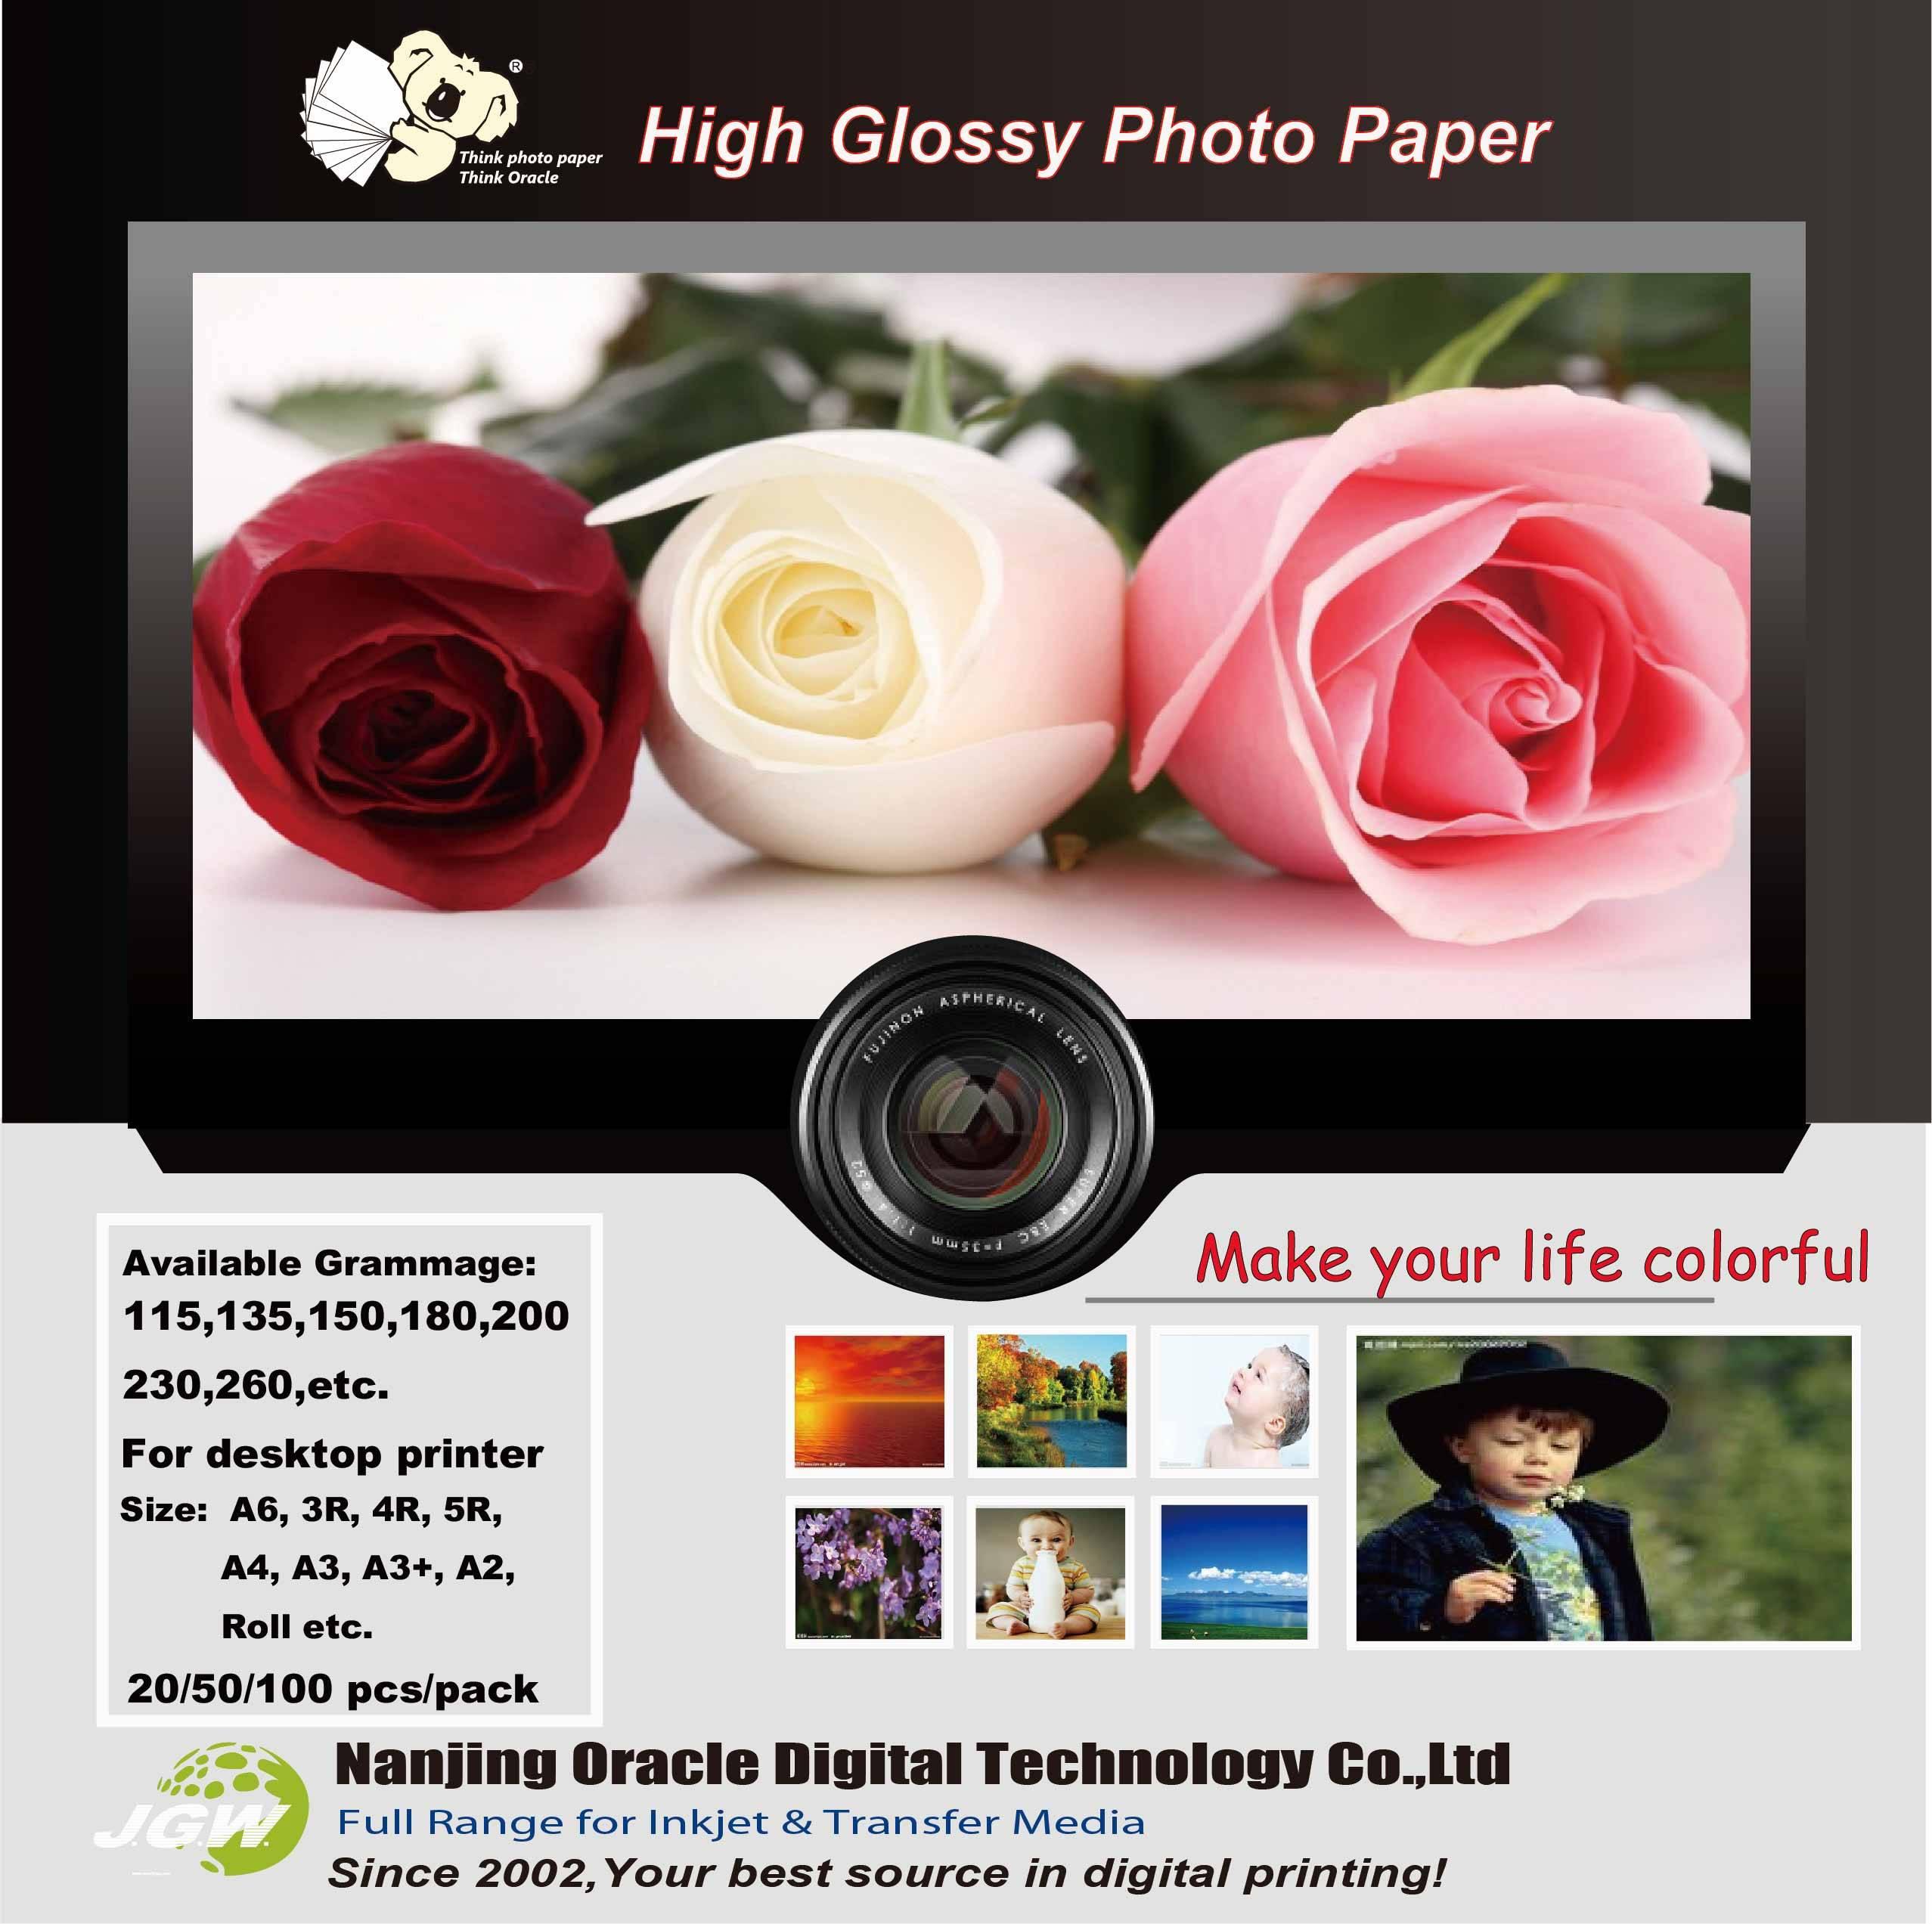 KF 180g Super Glossy Photo Paper